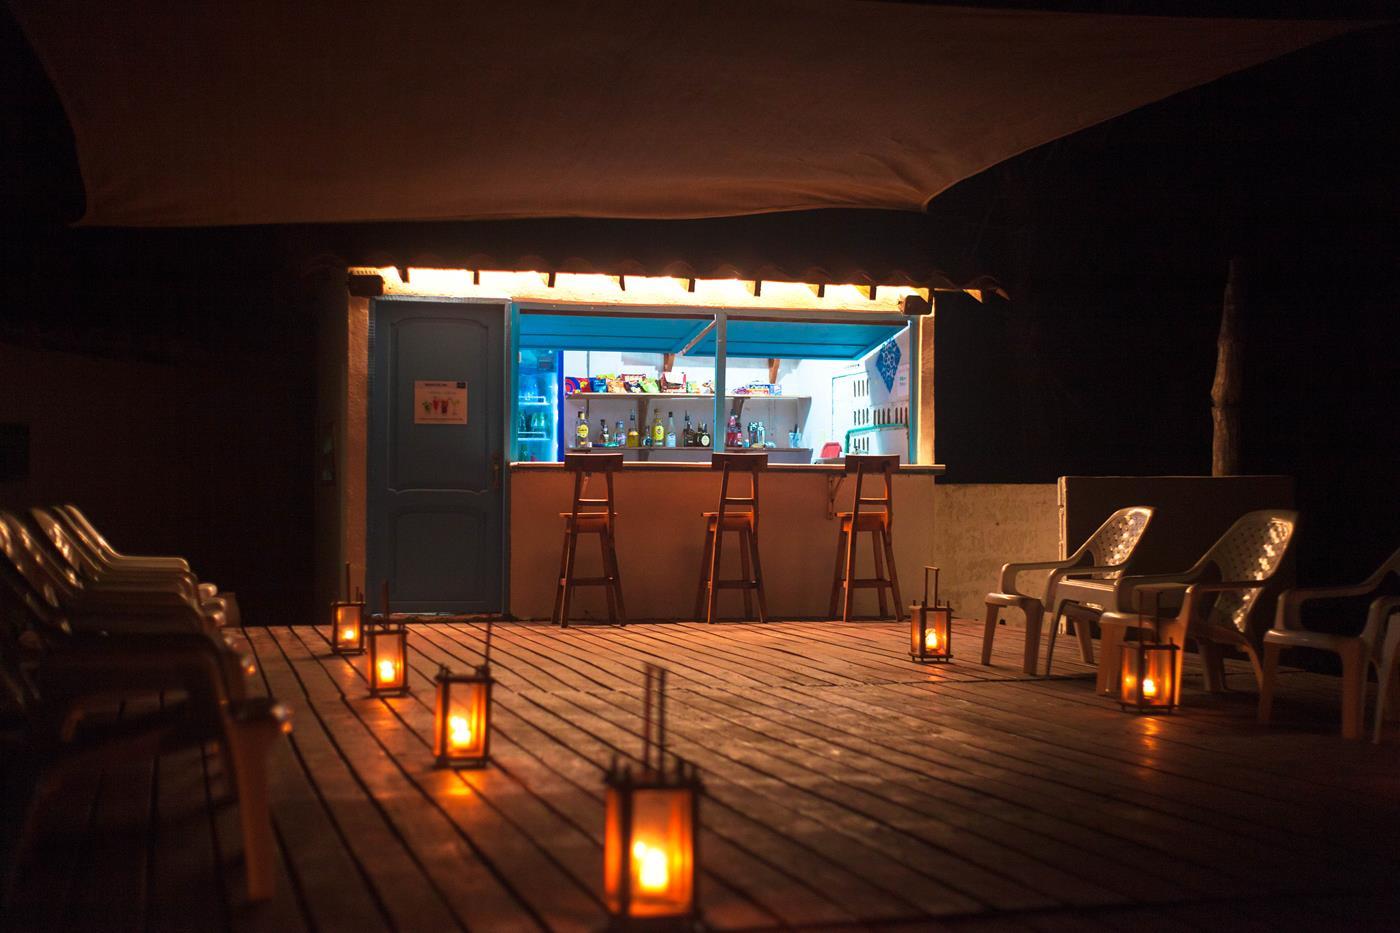 mejores-hoteles-san-bernardo-del-viento-bar (3)